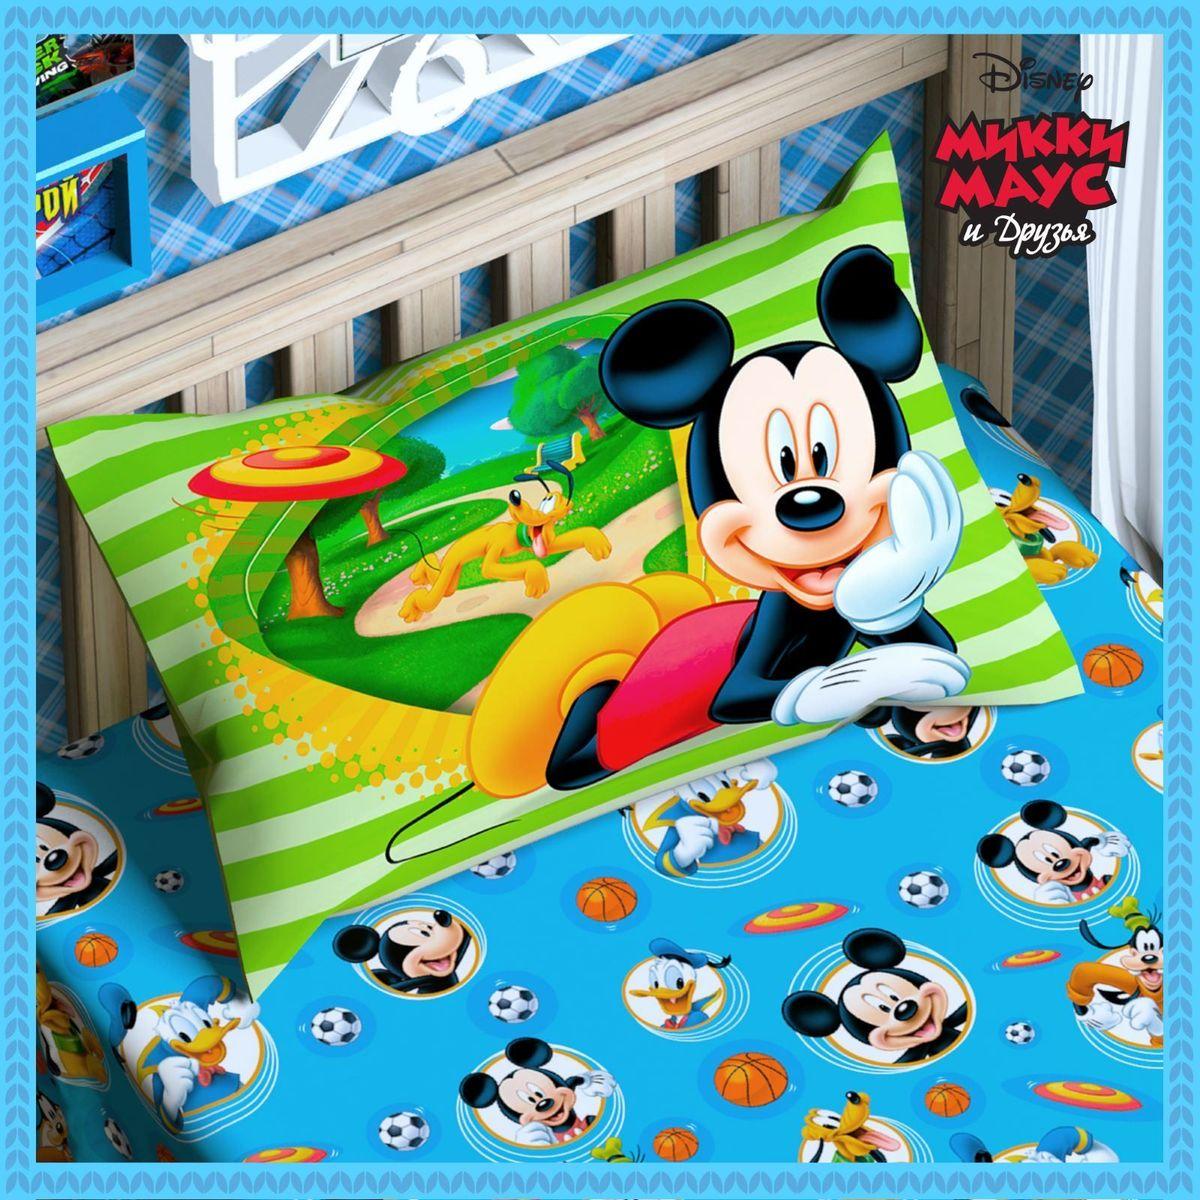 Disney Подушка панно Микки Маус и его друзья 50 х 70 115311152021800Сказочные сны с любимыми героями Disney. Маленький любитель мультфильмов Disney будет в восторге от этого яркого одеяла ! Оно подарит крохе захватывающие сны и по-настоящему доброе утро.Почему?Потому что одеяло изготовлено в России на современном оборудовании, а при нанесении рисунка использовались только качественные европейские красители.Над дизайном работала команда настоящих мастеров своего дела: очаровательные персонажи мультфильмов, детально проработанная картинка, гармоничное сочетание цветов — всё это результат их кропотливой работы.В качестве наполнителя для изделия используется файбер — практичный, безопасный и мягкий материал. Именно поэтому одеяло:поддерживает комфортную температуру тела во время сна;не способствует появлению аллергии и раздражения;позволяет коже дышать и впитывает влагу;хорошо переносит многочисленные стирки, сохраняя первоначальную форму и внешний вид;Чехол выполнен из поплина — прочной, невероятно приятной на ощупь хлопковой ткани, которая хорошо поддаётся окрашиванию и также позволяет коже дышать.Состав:Чехол: хлопок 100 %, поплин 125 г/м?.Наполнитель: файбер 200 г/м?.Рекомендации по уходу за изделием: стирайте при температуре не выше 40 °C без использования отбеливателей. Сушите в горизонтальном положении.